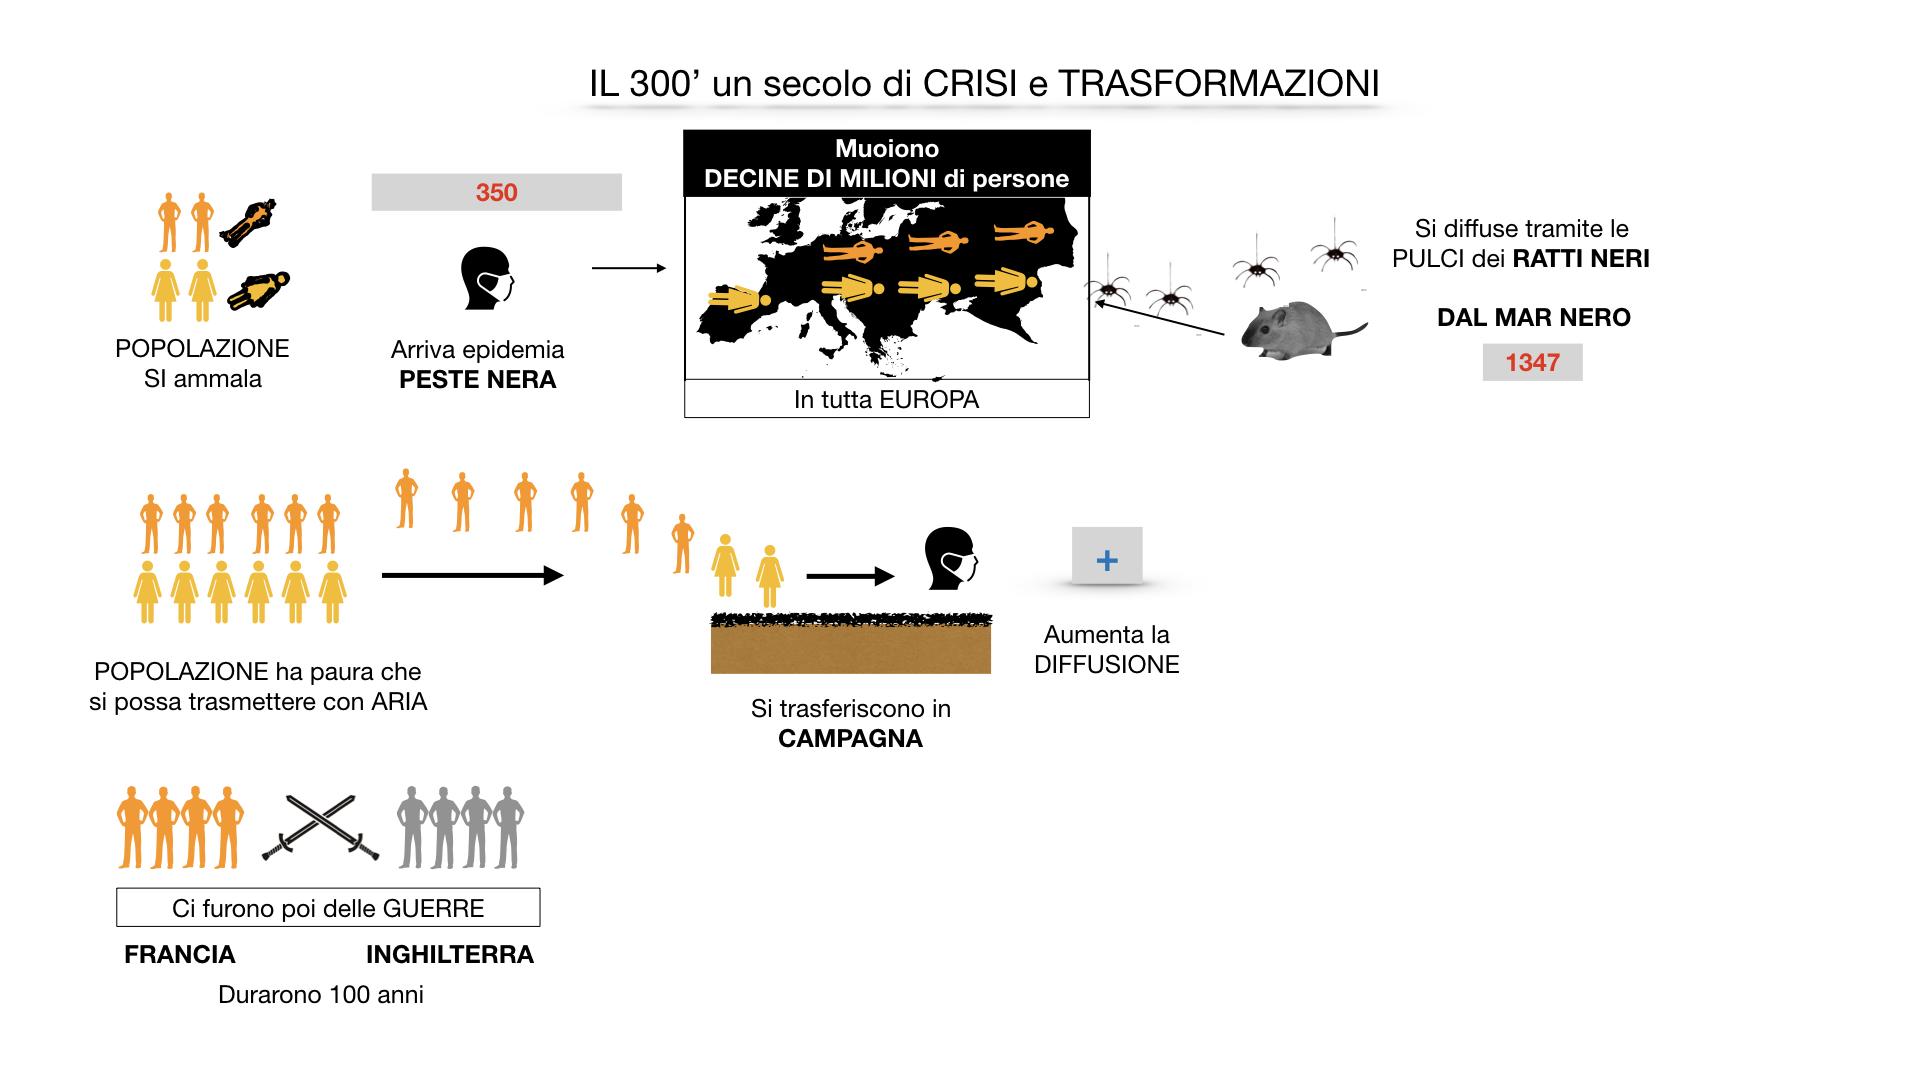 il 300 crisi e trasformazioni_ SIMULAZIONE.028